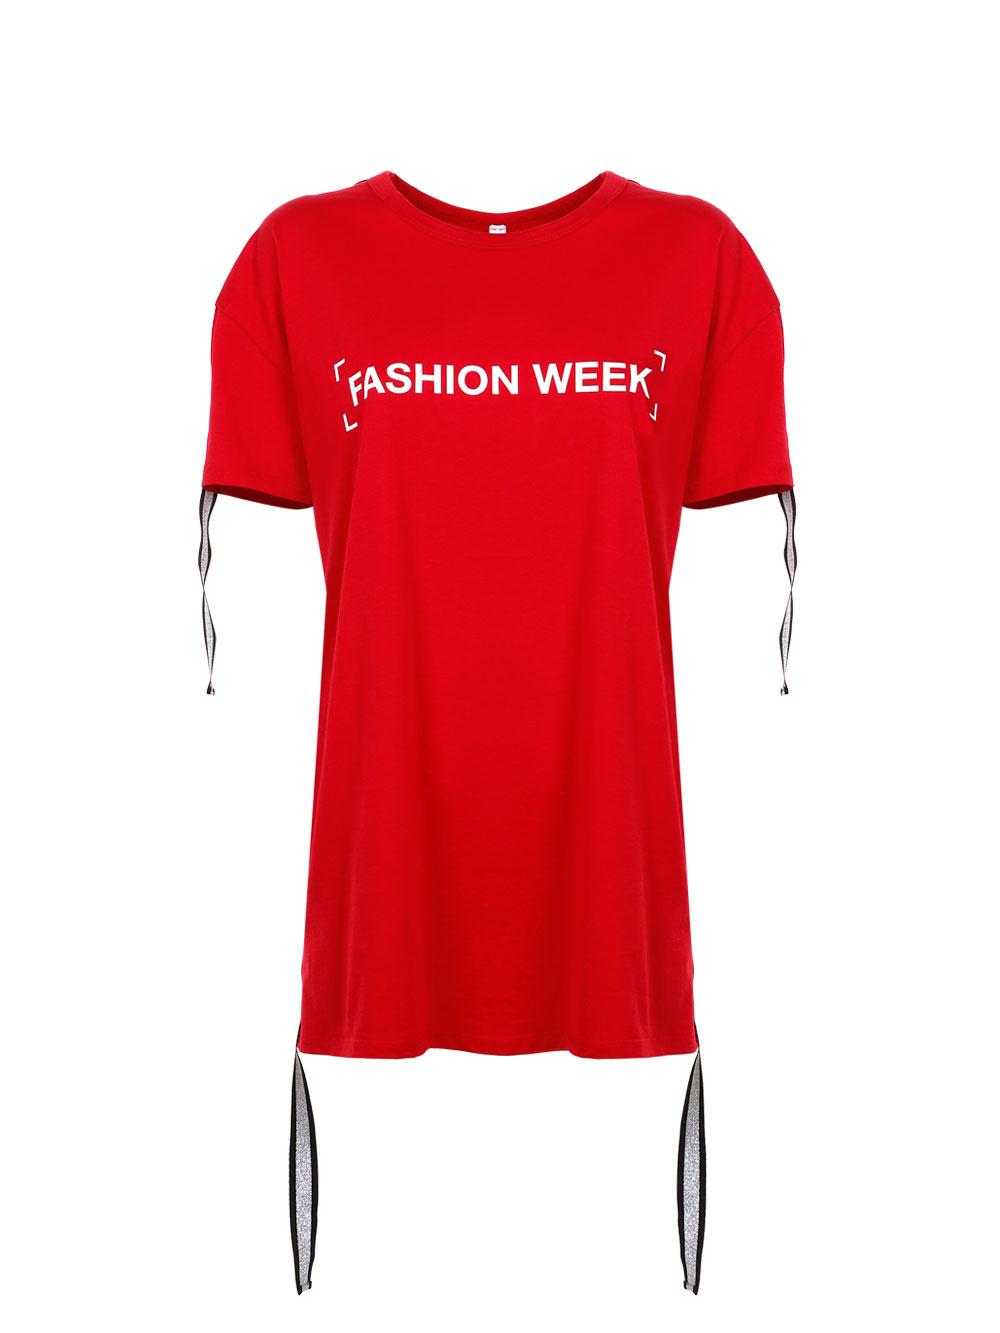 Футболка з написом Fashion Week, червоного кольору  Imperial